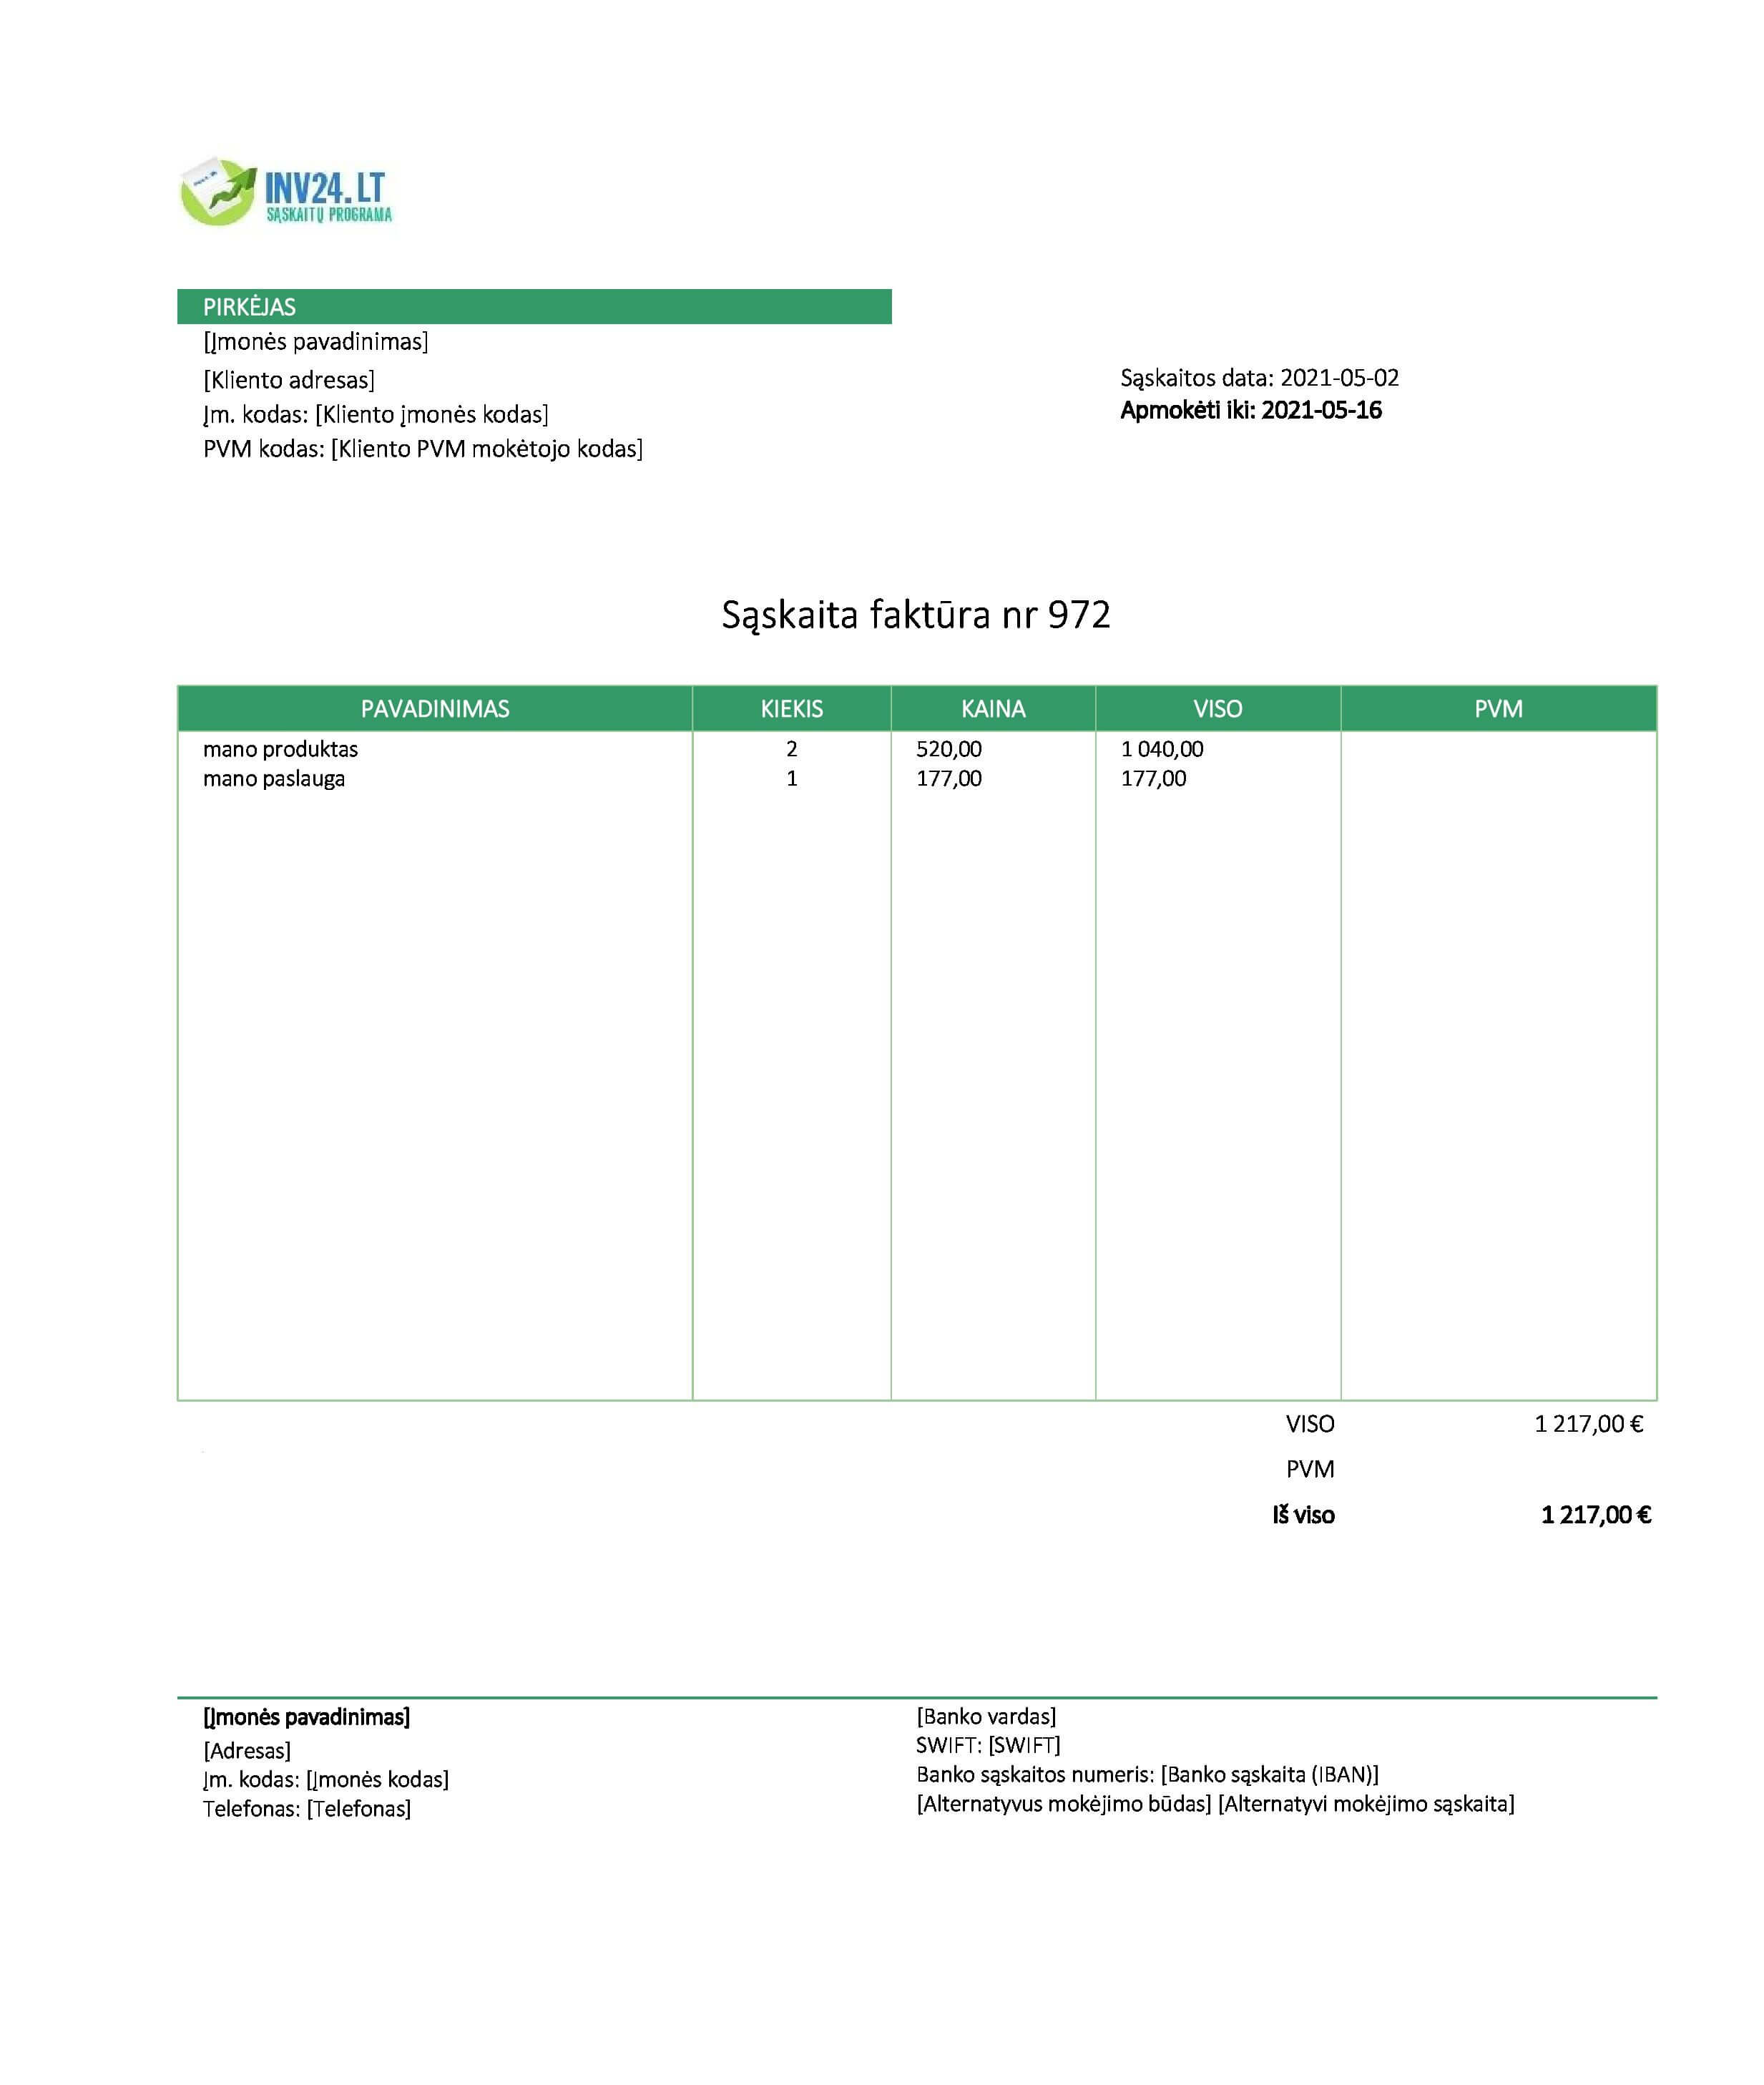 sąskaita faktūra ne pvm mokėtojas pavyzdys